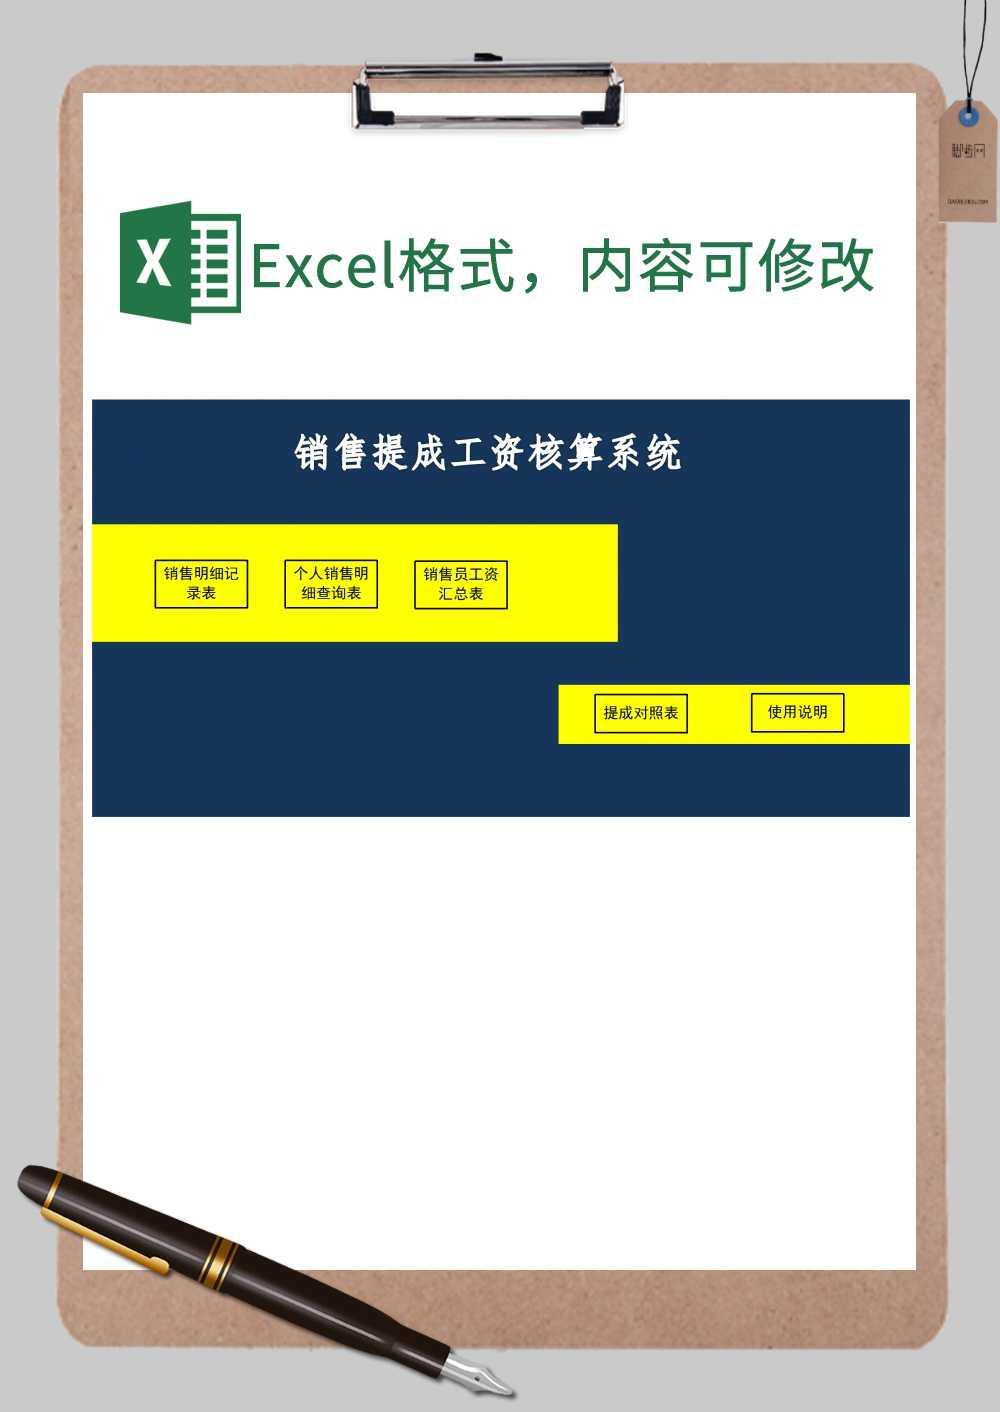 实用版销售提成工资核算系统(按比例提成)xExcel模板